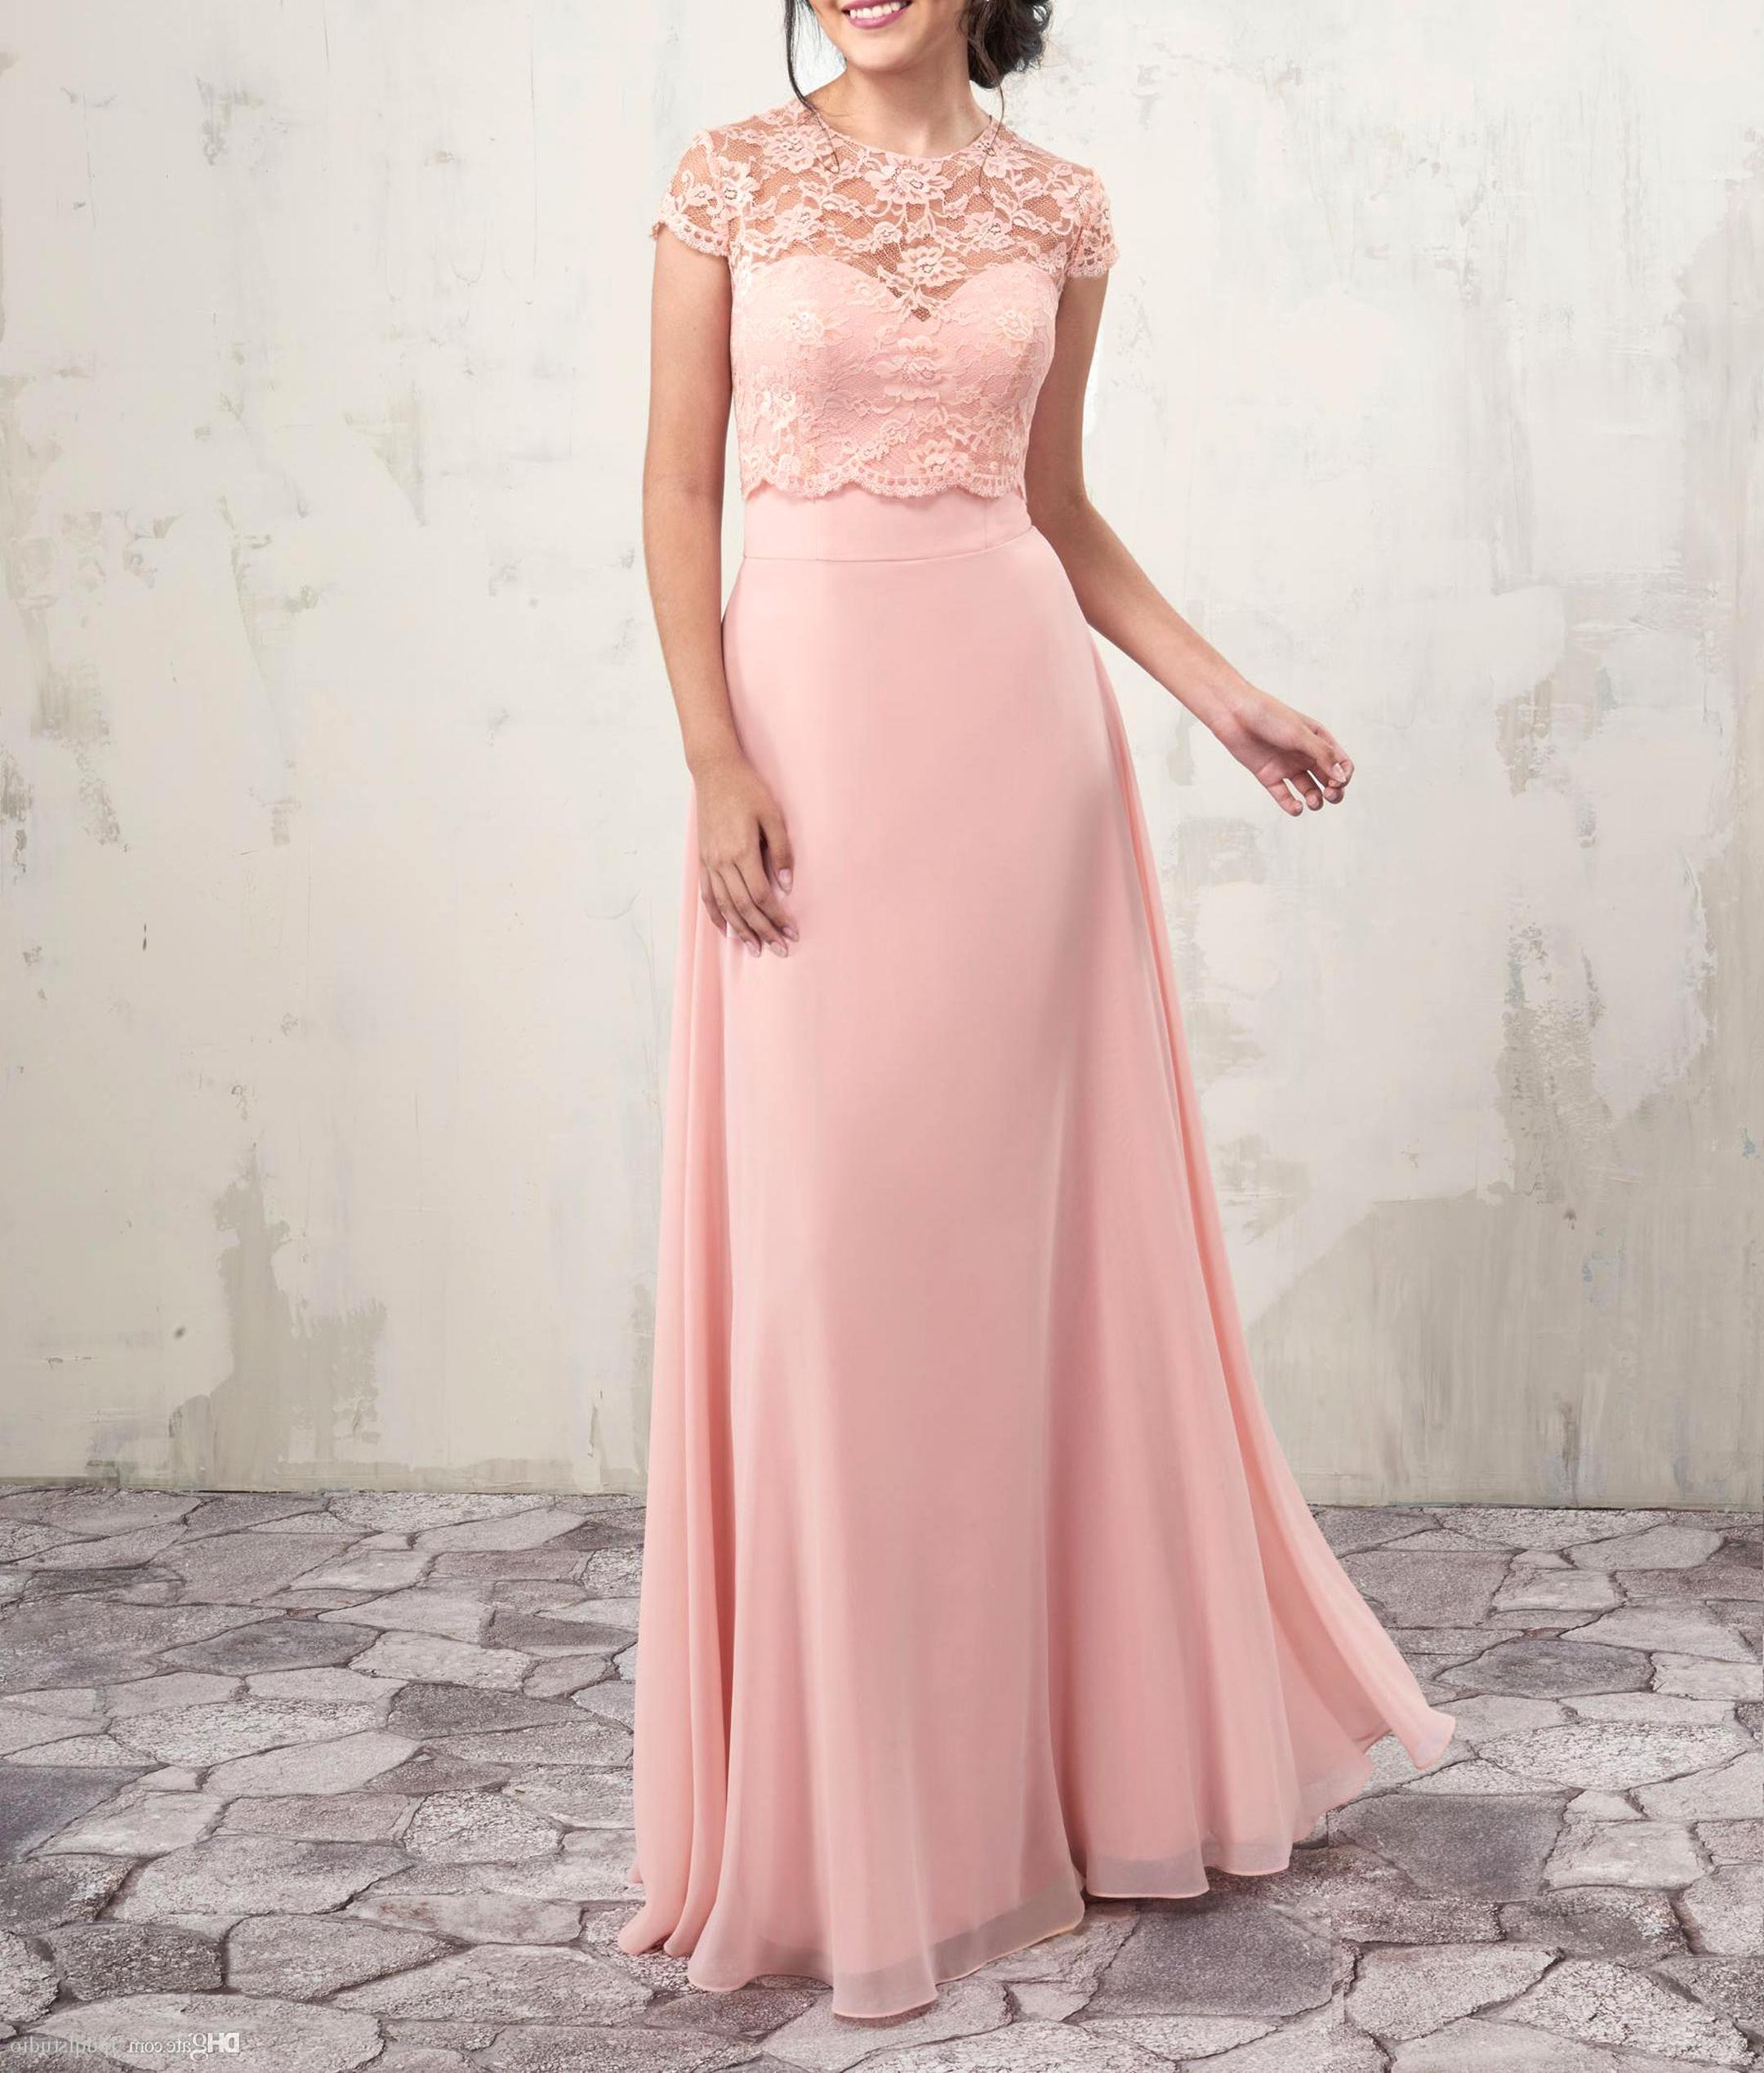 Hochzeit Party Kleid Gebraucht Kaufen! Nur 15 St. Bis -15 - Abendkleid